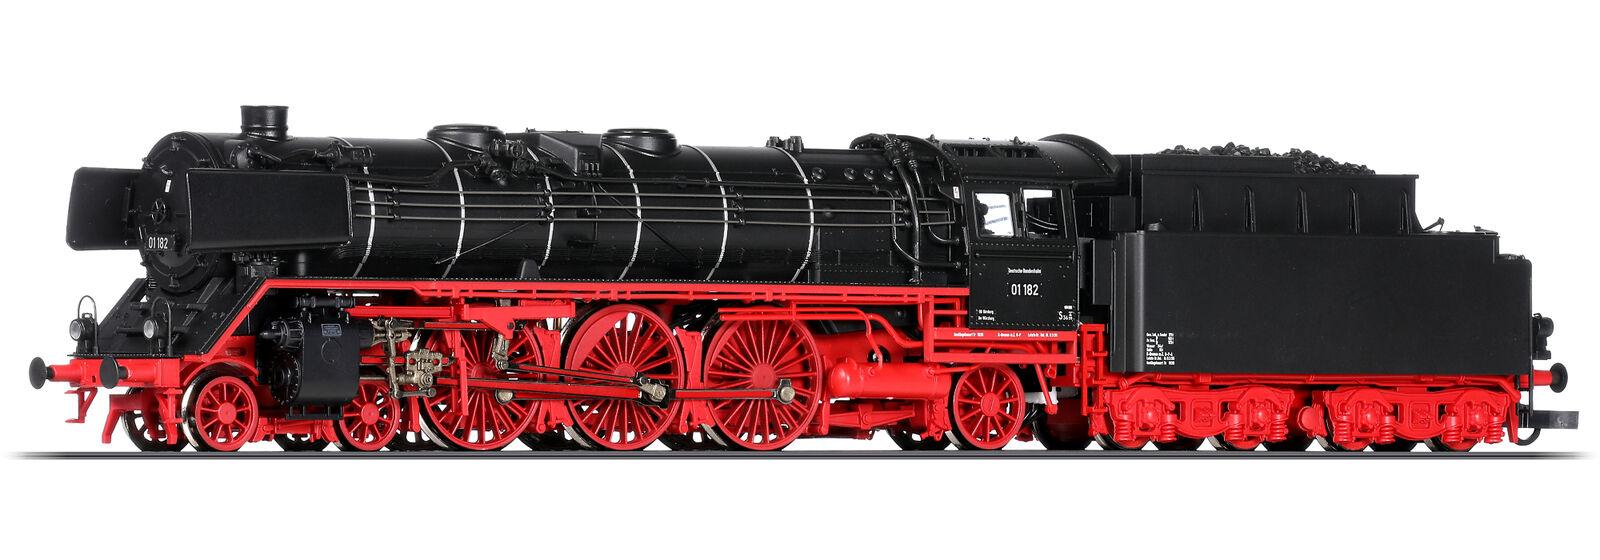 Roco 51308-1 h0 máquina de vapor br 01 de la DB  Digital + Sound  + + nuevo + +